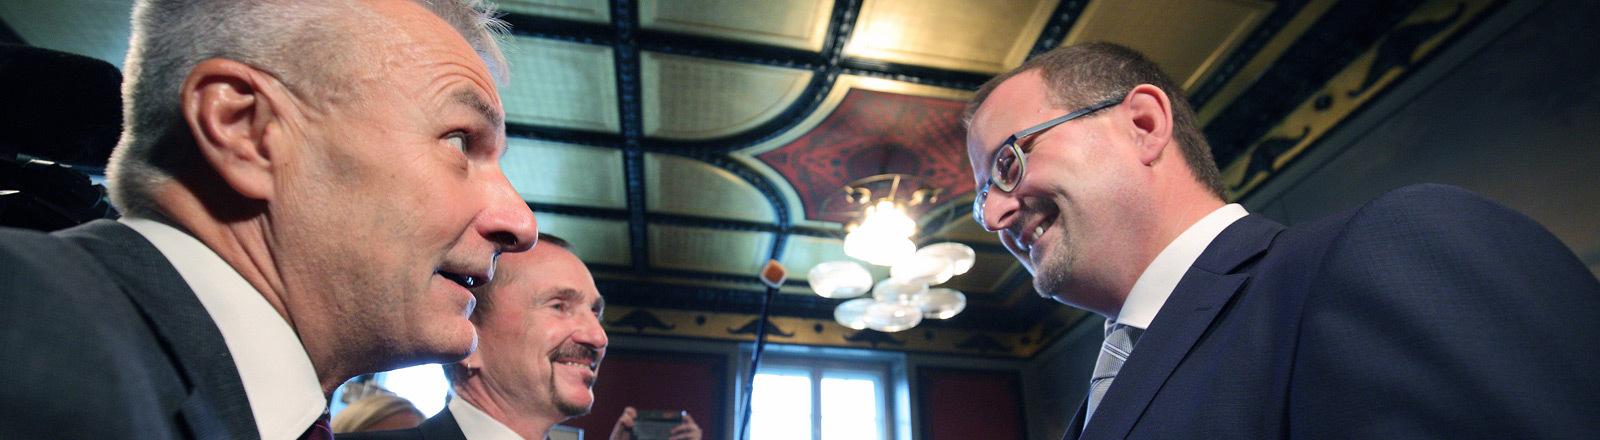 Unter grosser oeffentlicher Aufmerksamkeit ist am Sonntag (01.10.2017) in Berlin das bundesweit erste homosexuelle Paar getraut worden. Im Rathaus Berlin-Schoeneberg gaben sich am Morgen der 60-jaehrige Bodo Mende (li.) und sein 59-jaehriger Partner Karl Kreil (2.v.li.) das Jawort (Foto re.: der Standesbeamte Gordon Holland).